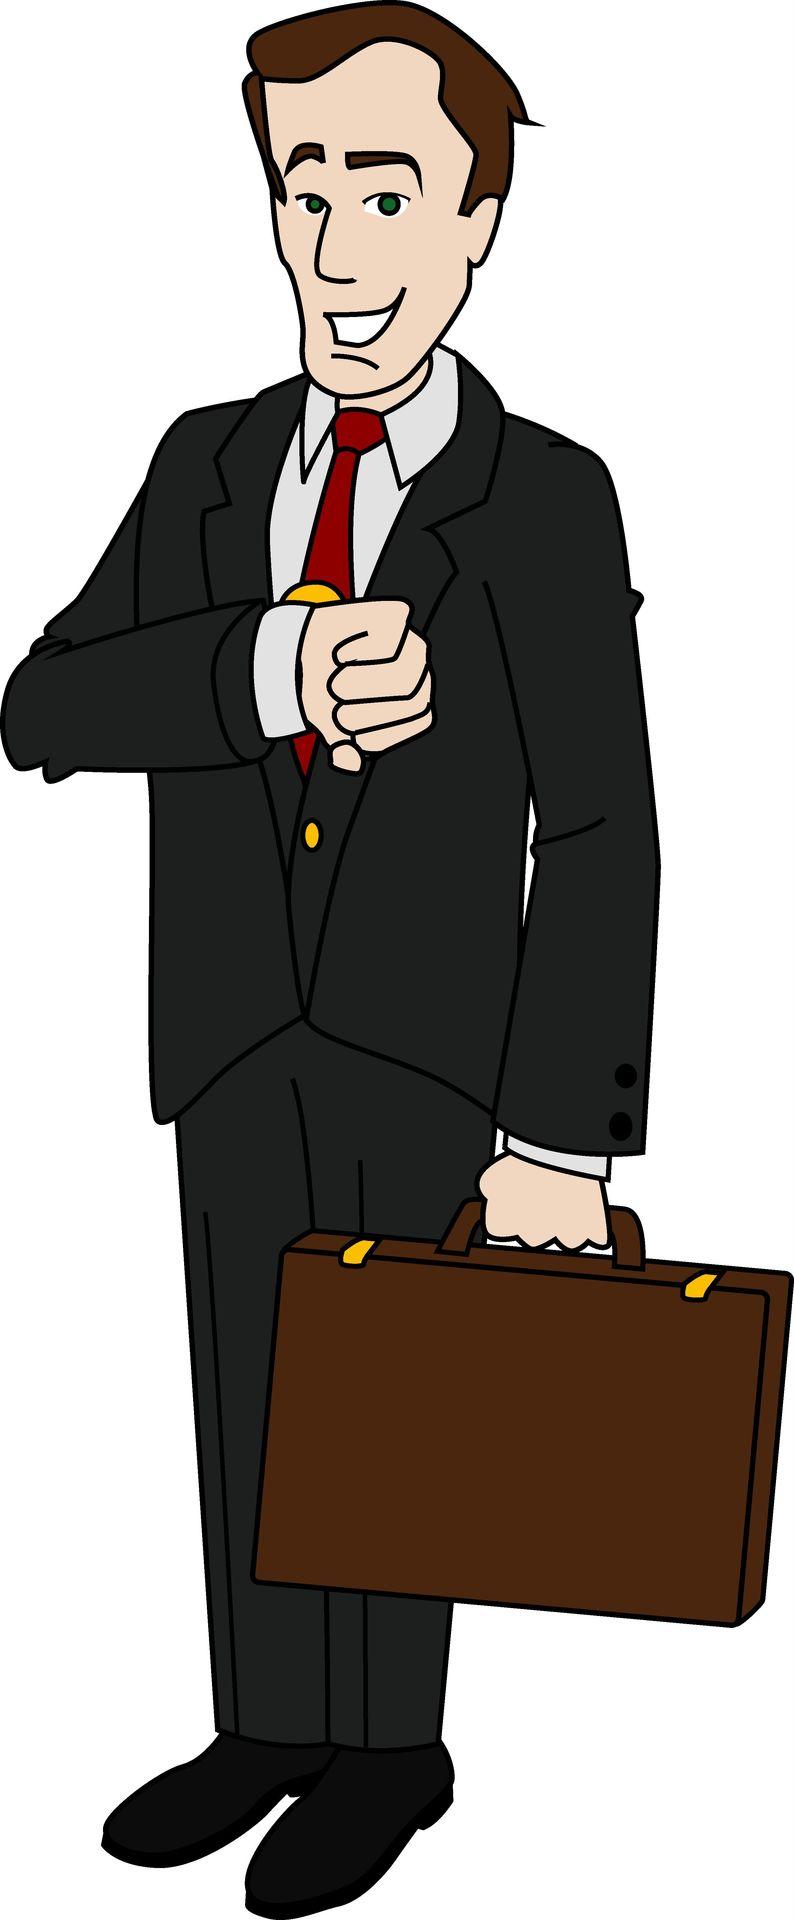 buisness-man-clipart-1-business-man